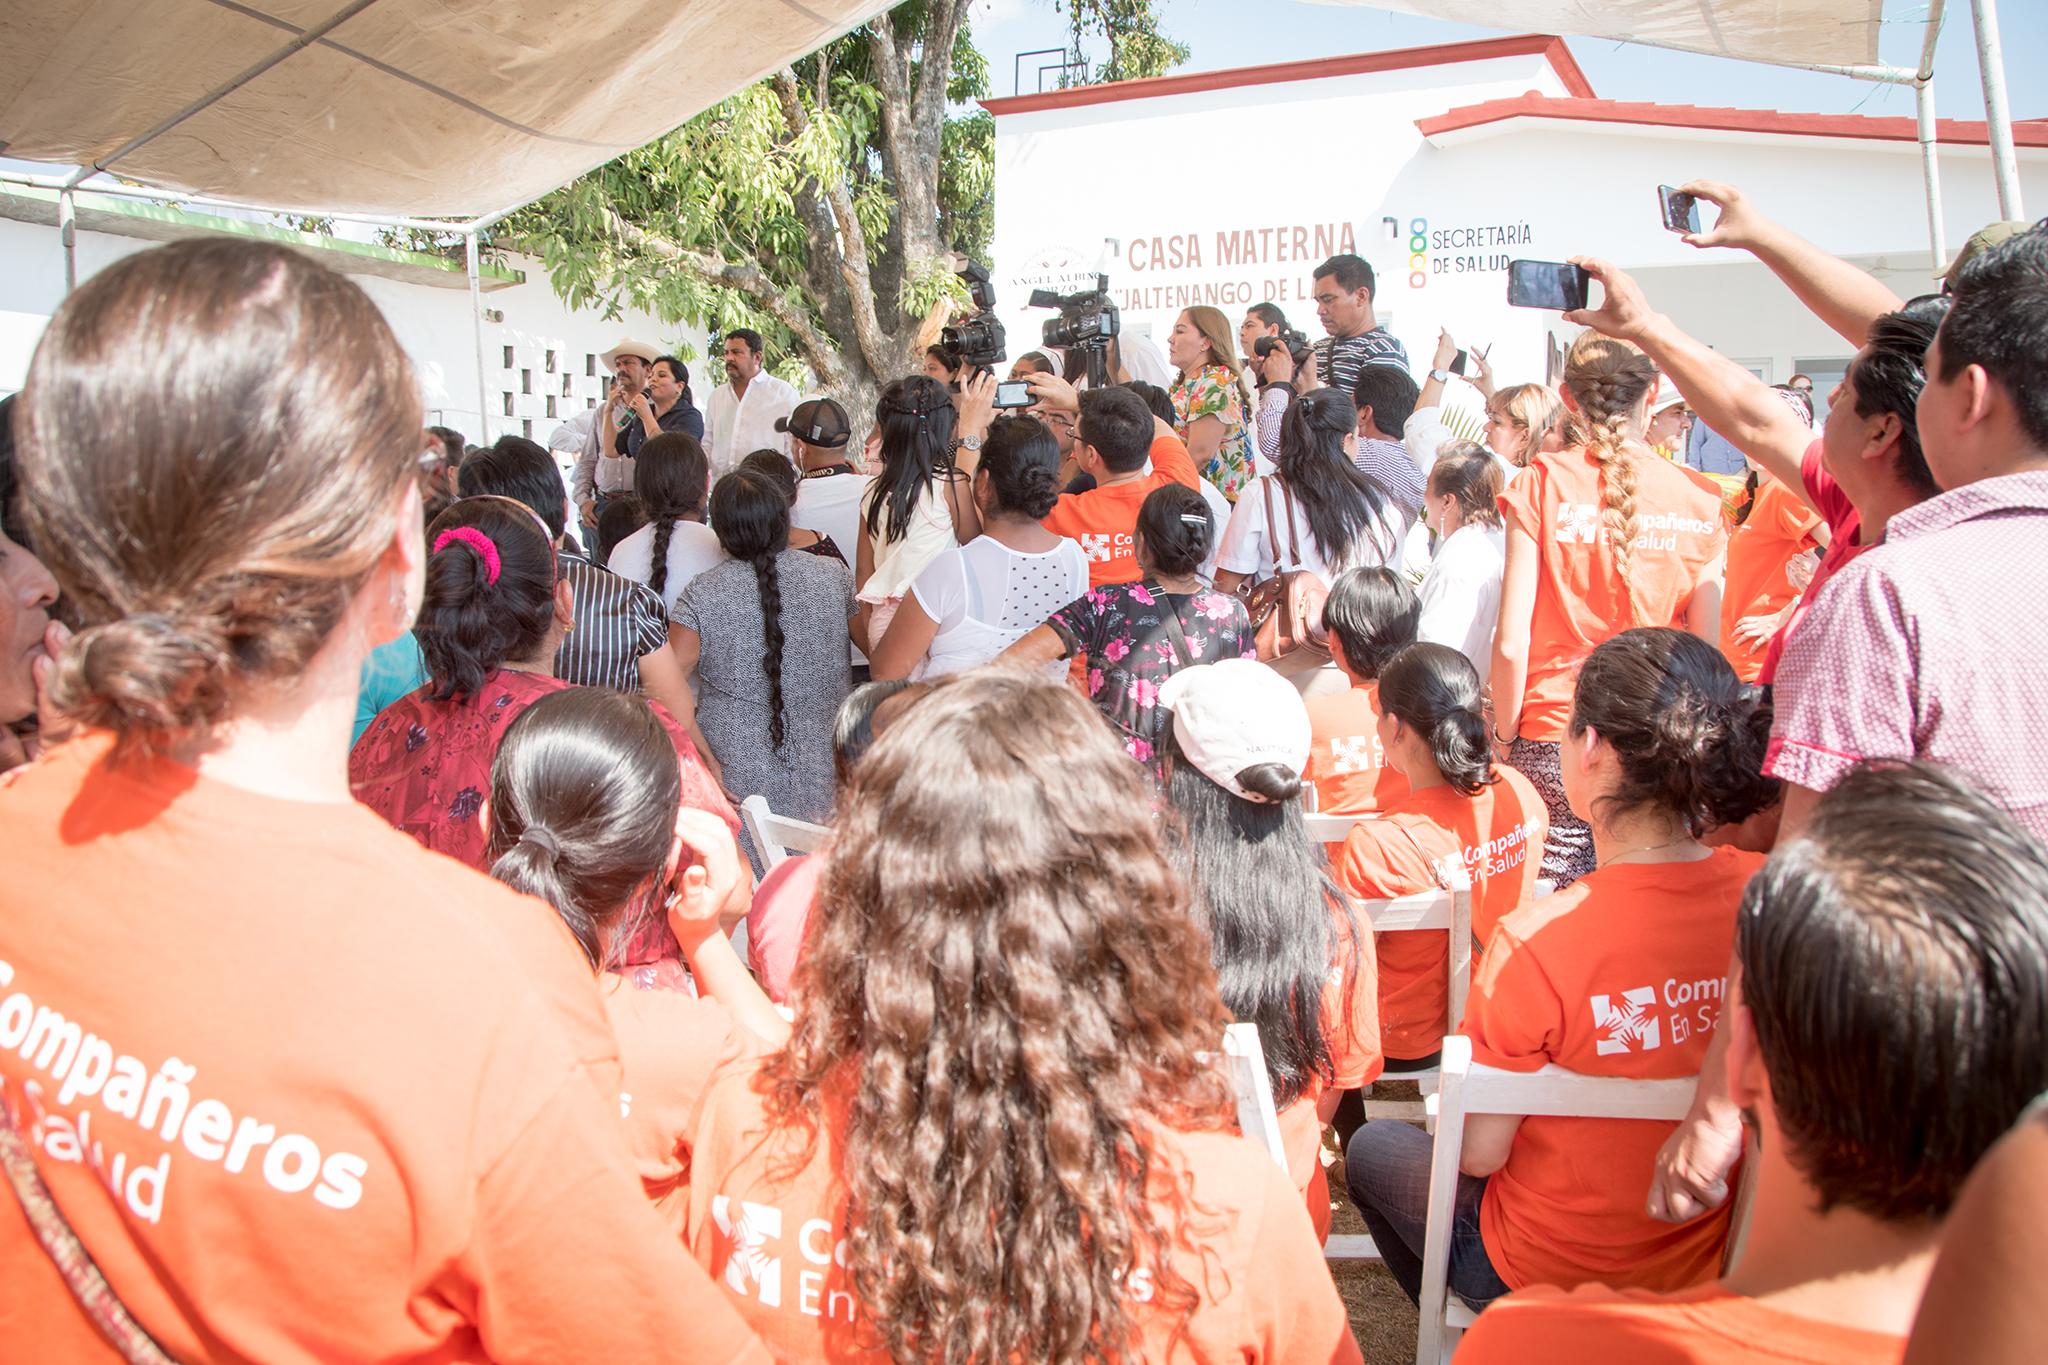 ¡La inauguración de la casa materna en Jaltenango de la Paz! Aquí, las mujeres de toda la región tienen acceso a un servicio público de atención obstétrica de alta calidad. El objetivo de brindar una atención segura, respetuosa y de calidad se ha logrado gracias a la colaboración entre el Hospital Básico Comunitario, las parteras tradicionales de la región y el equipo de salud materna de CES. En el año 2017, el equipo de salud materna de CES colaboró en la atención de más de 500 partos y brindó más de 3000 consultas obstétricas.